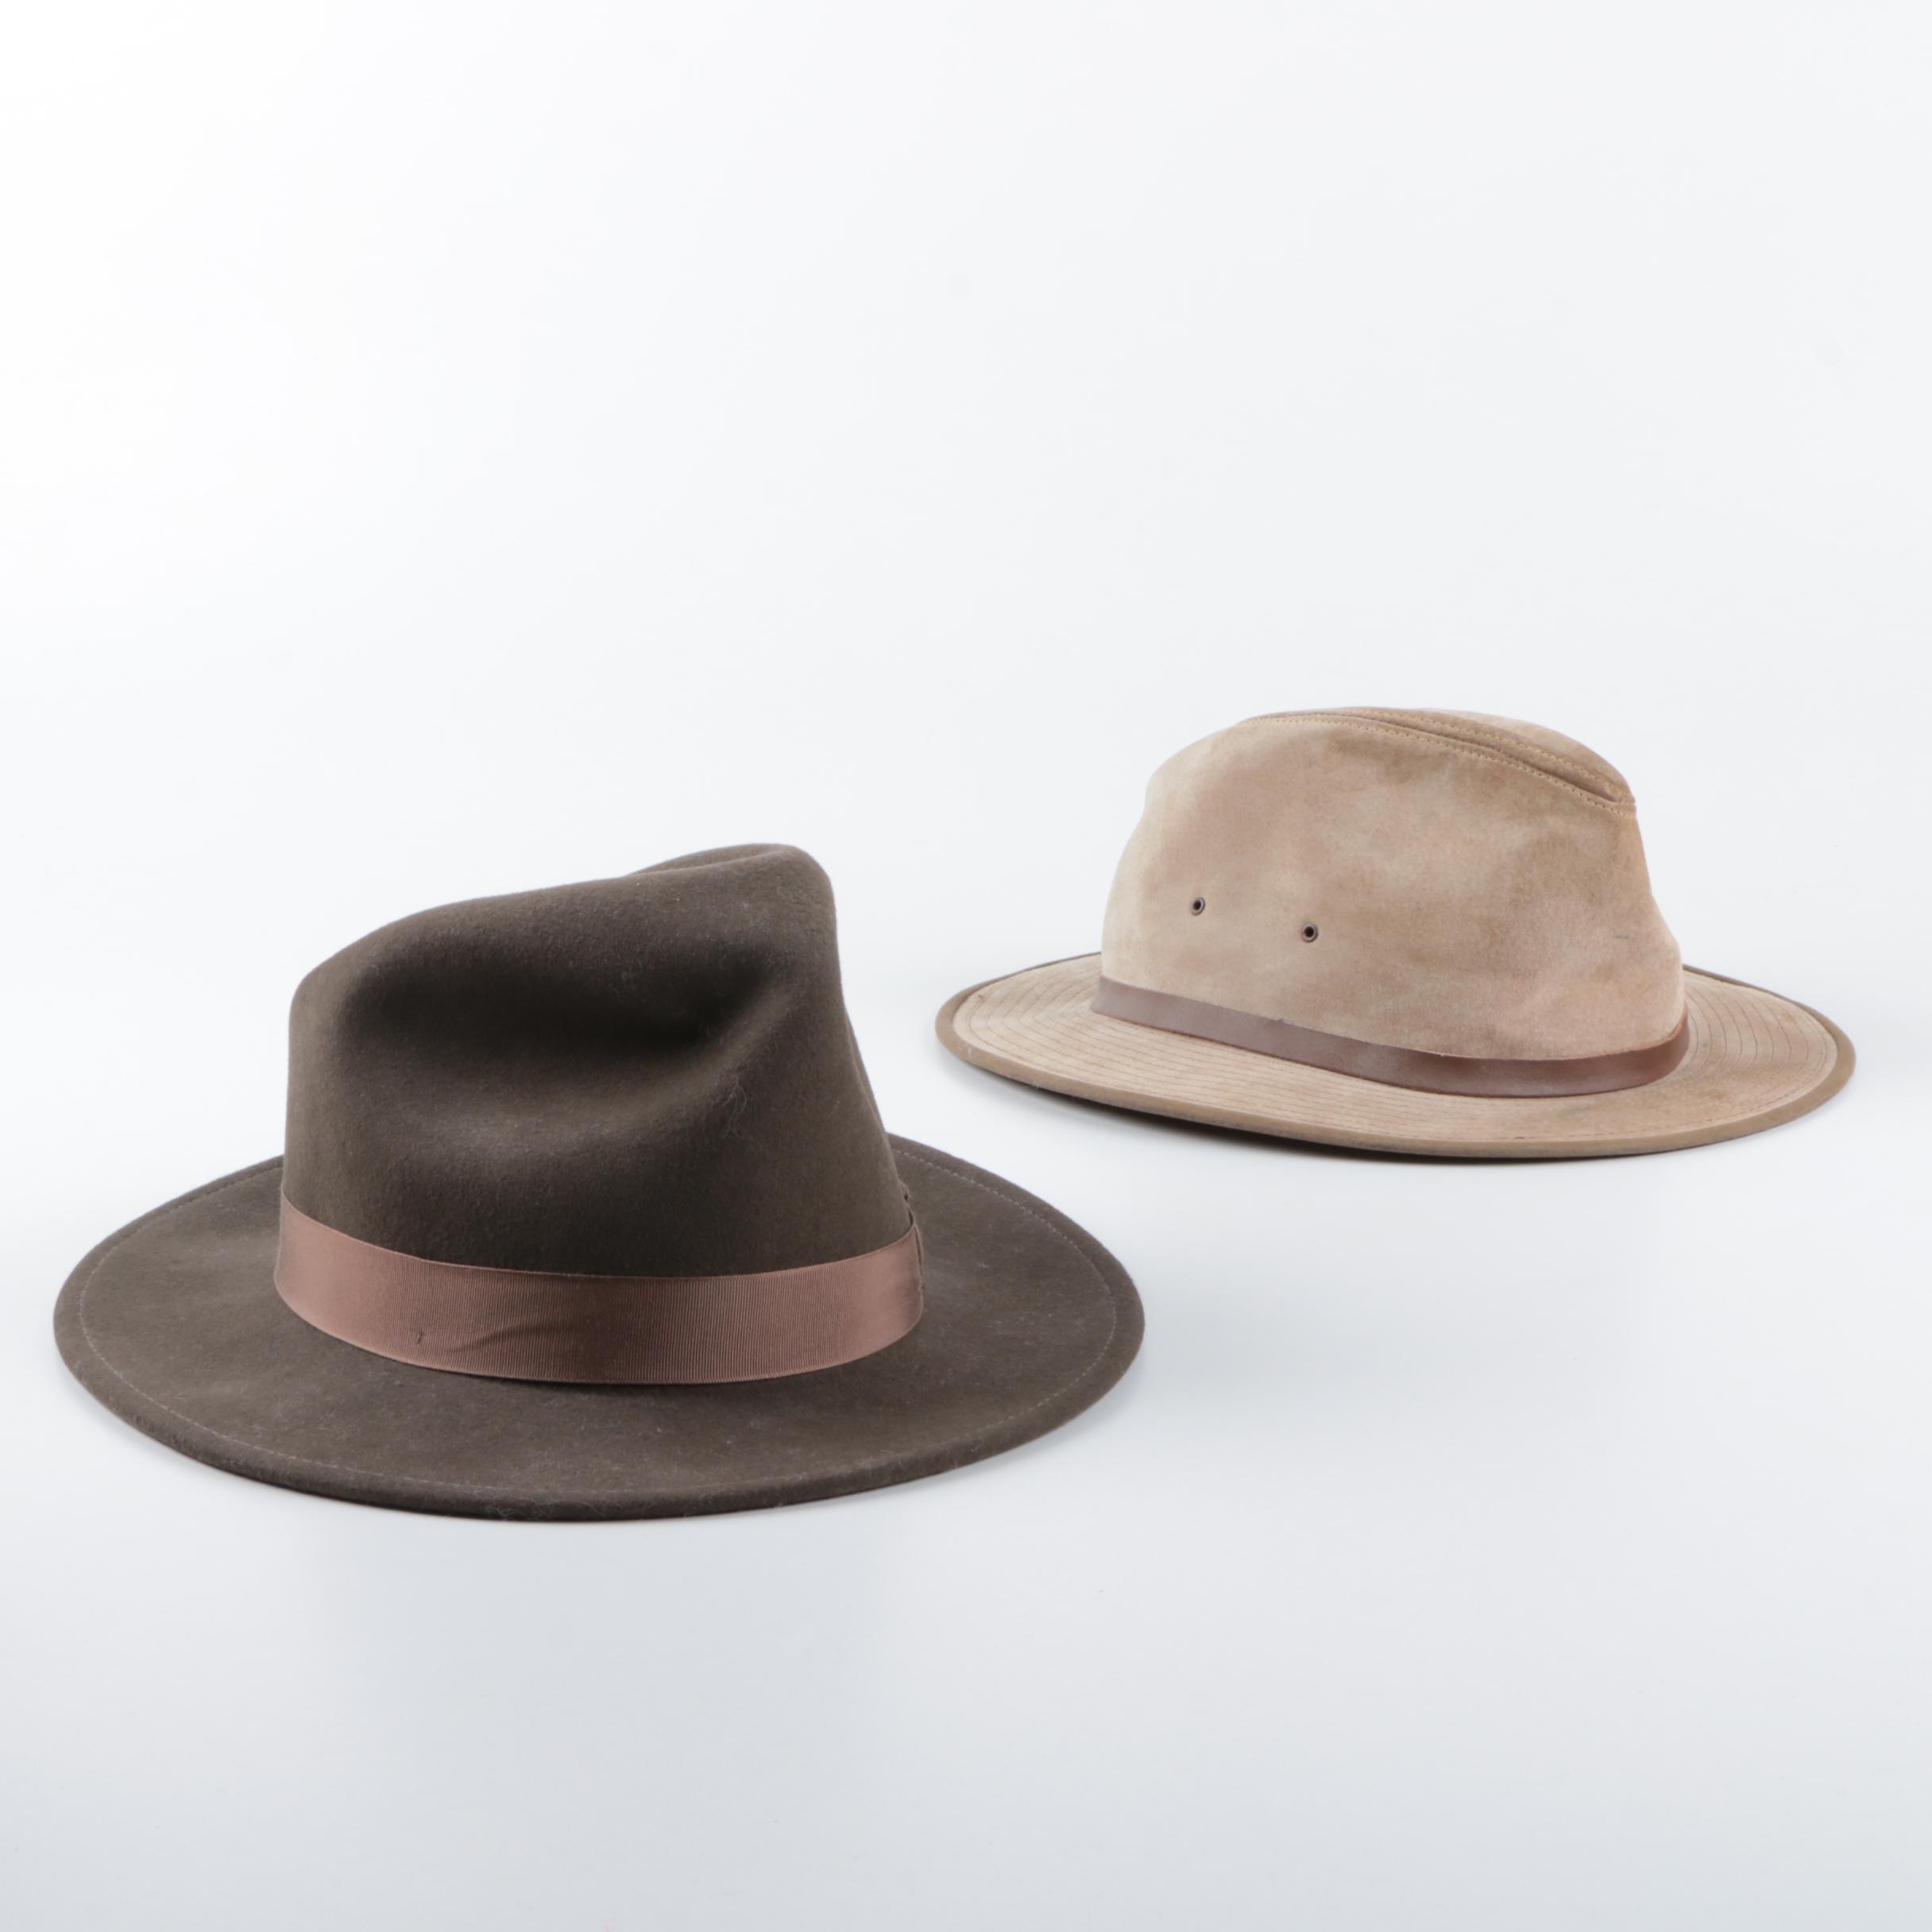 Orvis Lite Felt and Henschel Suede Hats